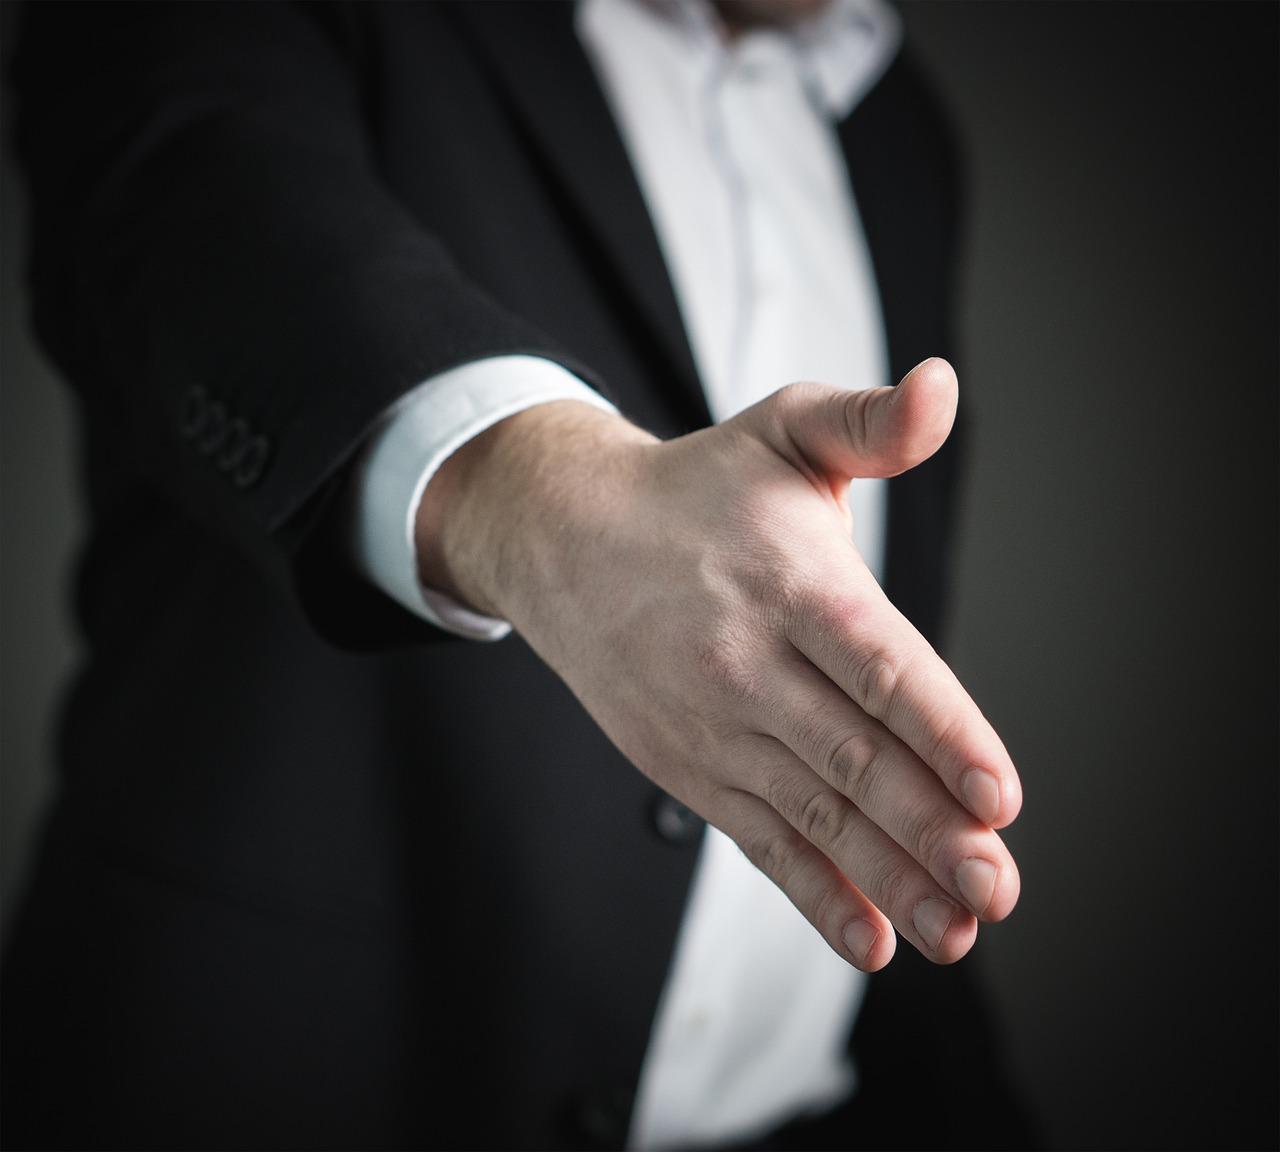 ホワイト企業専門の転職サイトはある?ウズキャリに登録しましょう